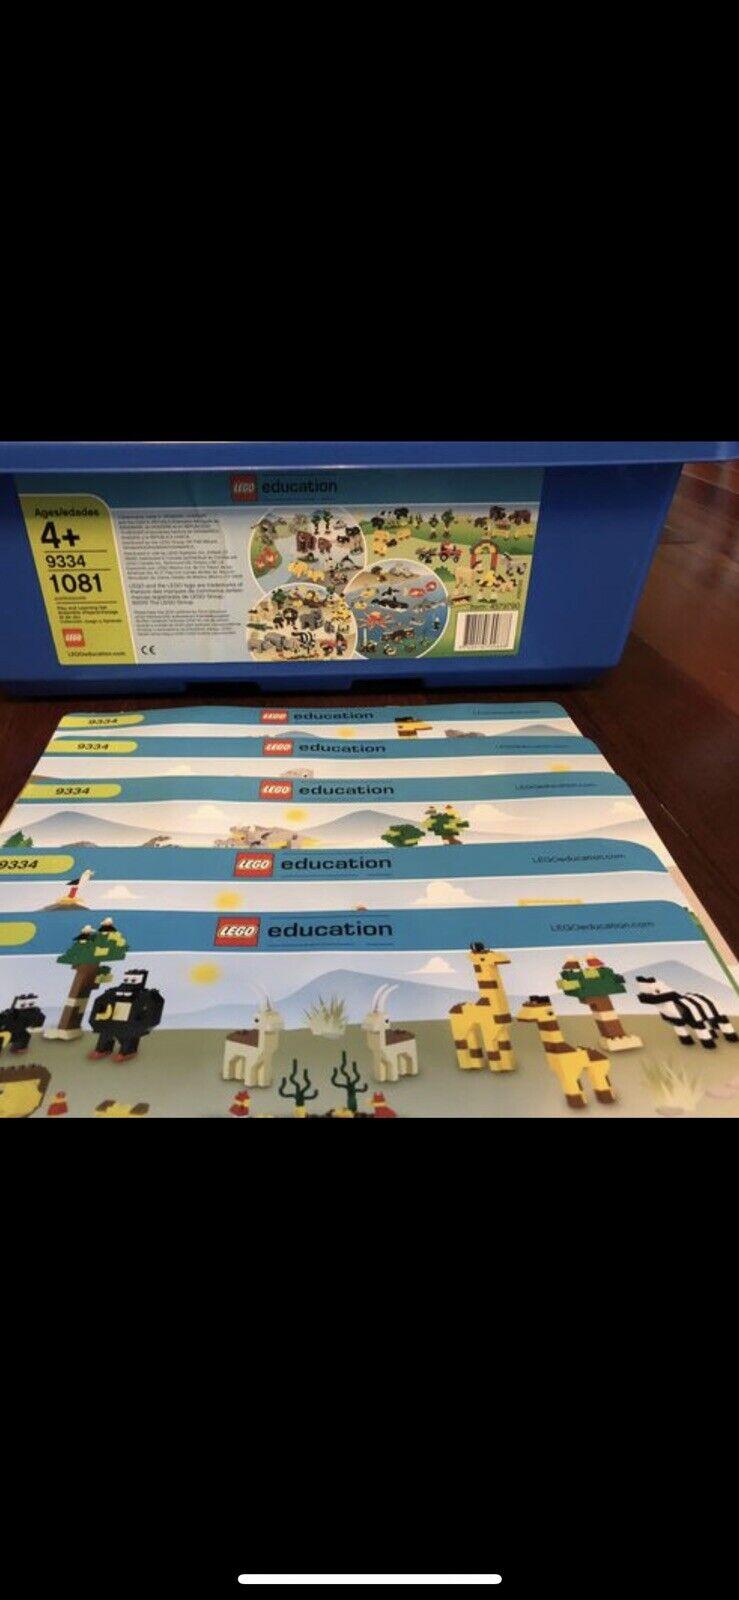 Lego Educational Set 9334 For 1081 Pcs STEM Animals Set